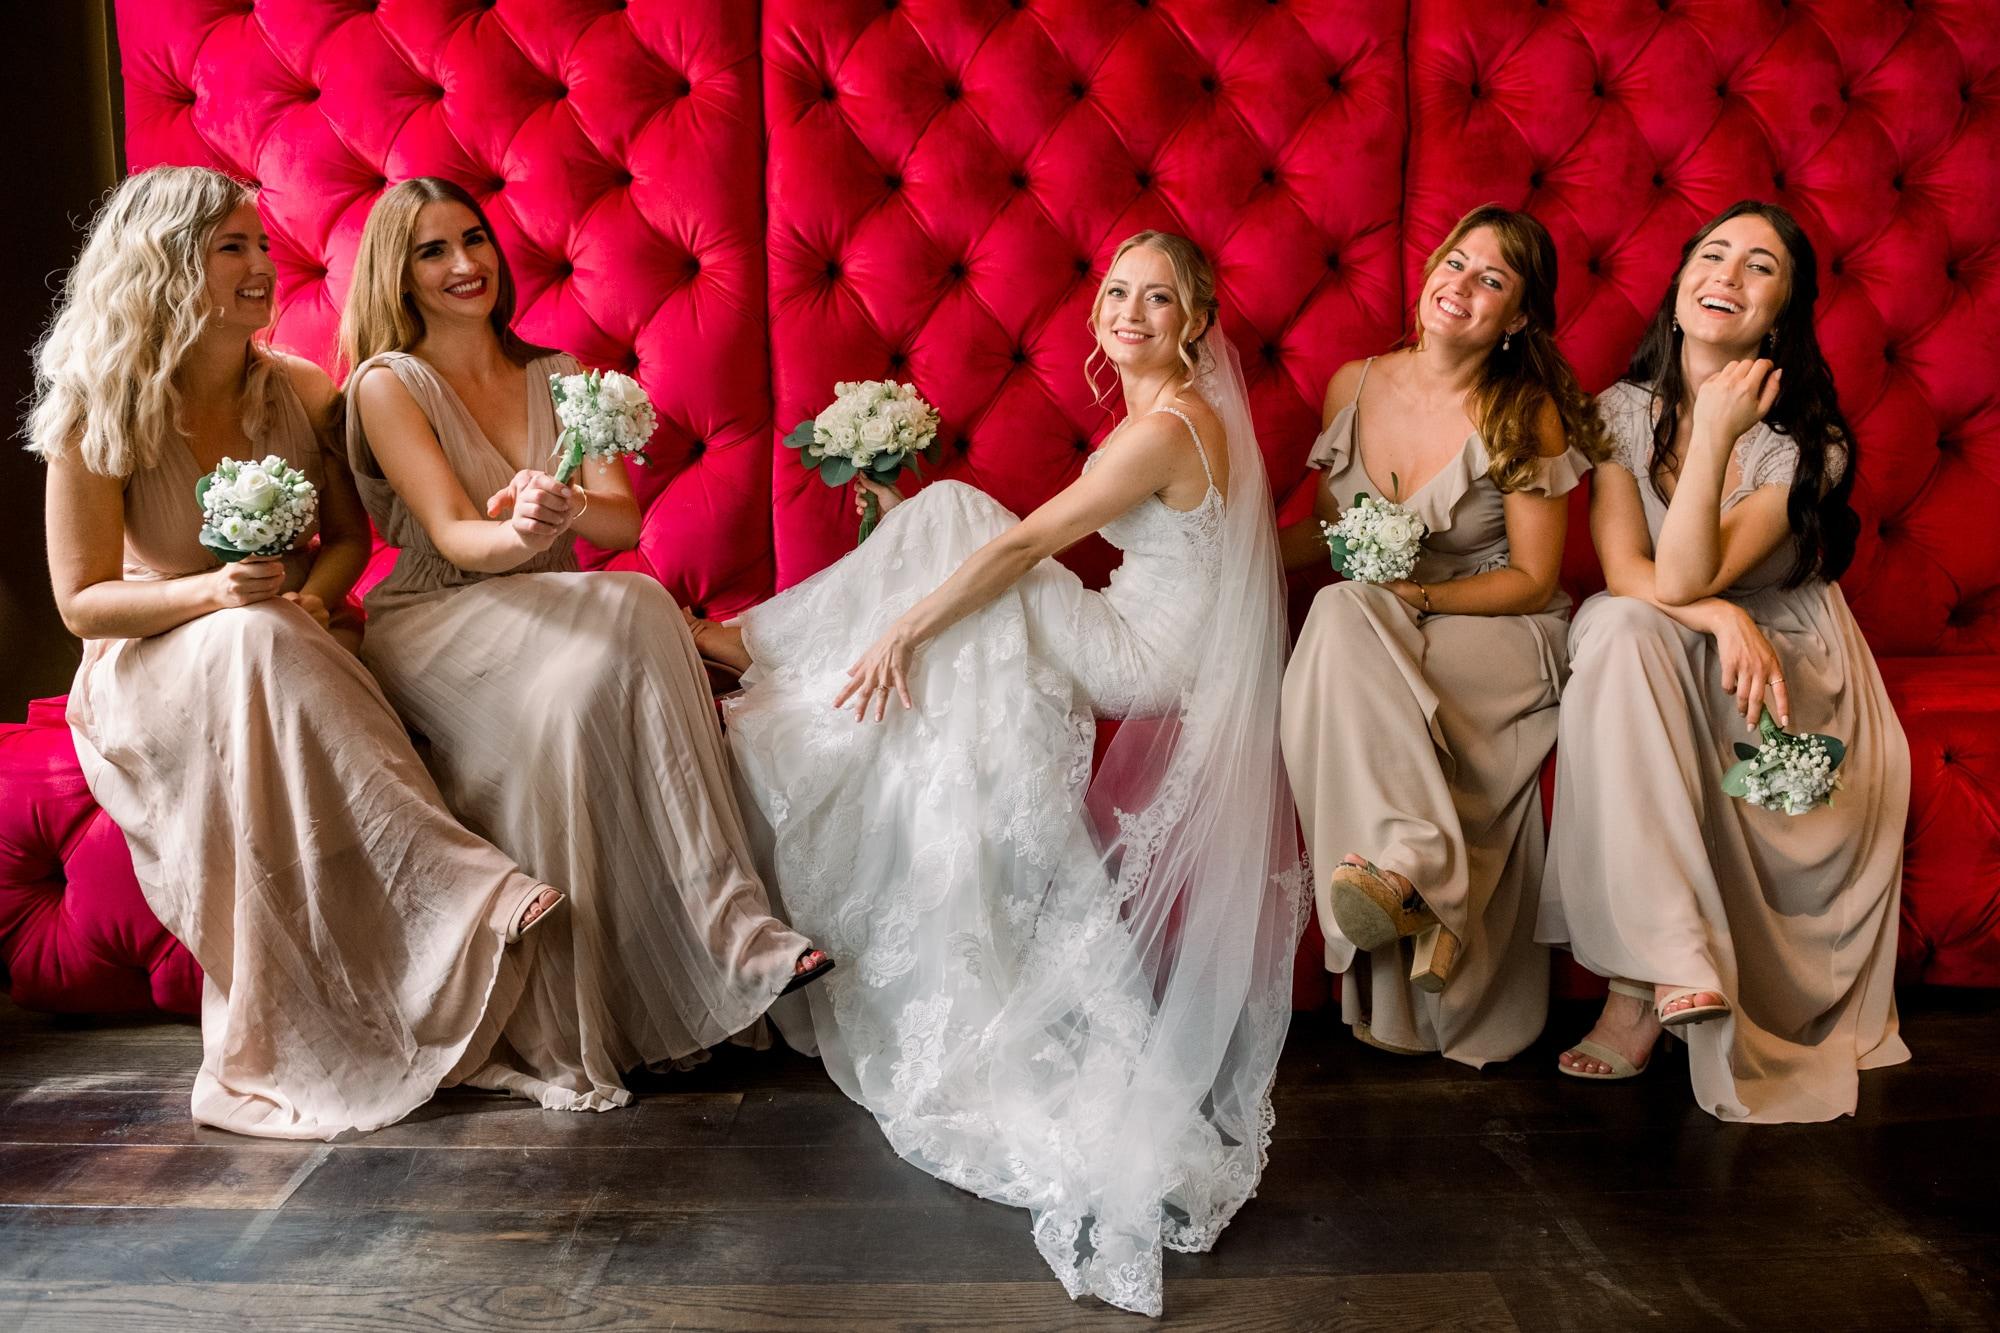 Hochzeitsfotograf-24.jpg